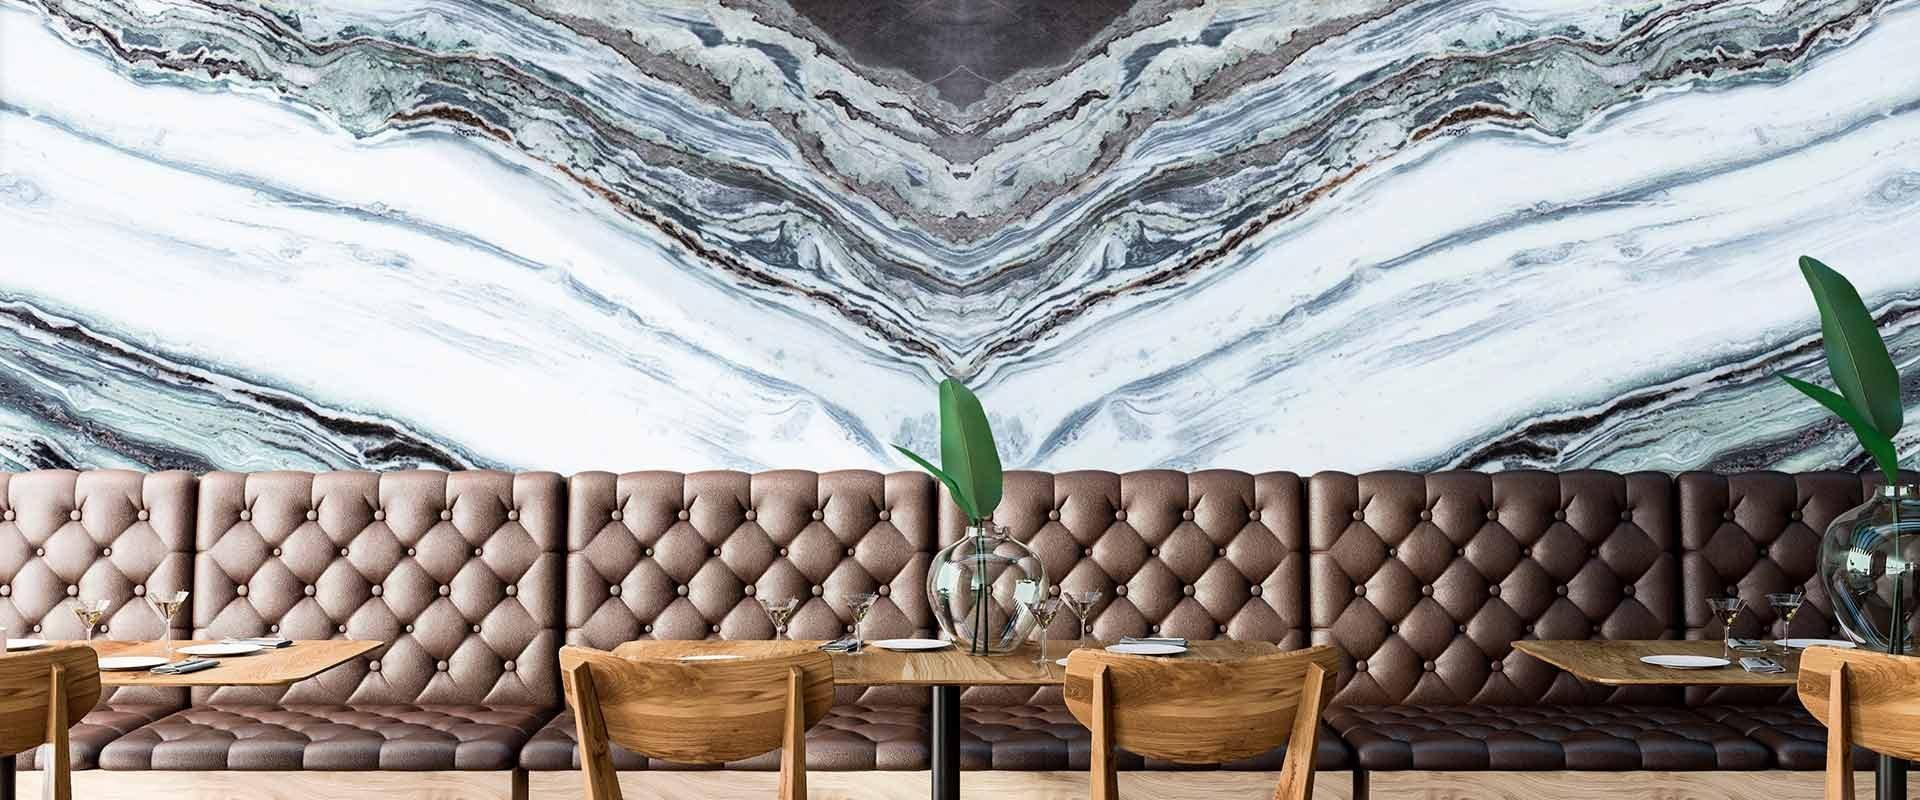 restaurante-parede-glaciers